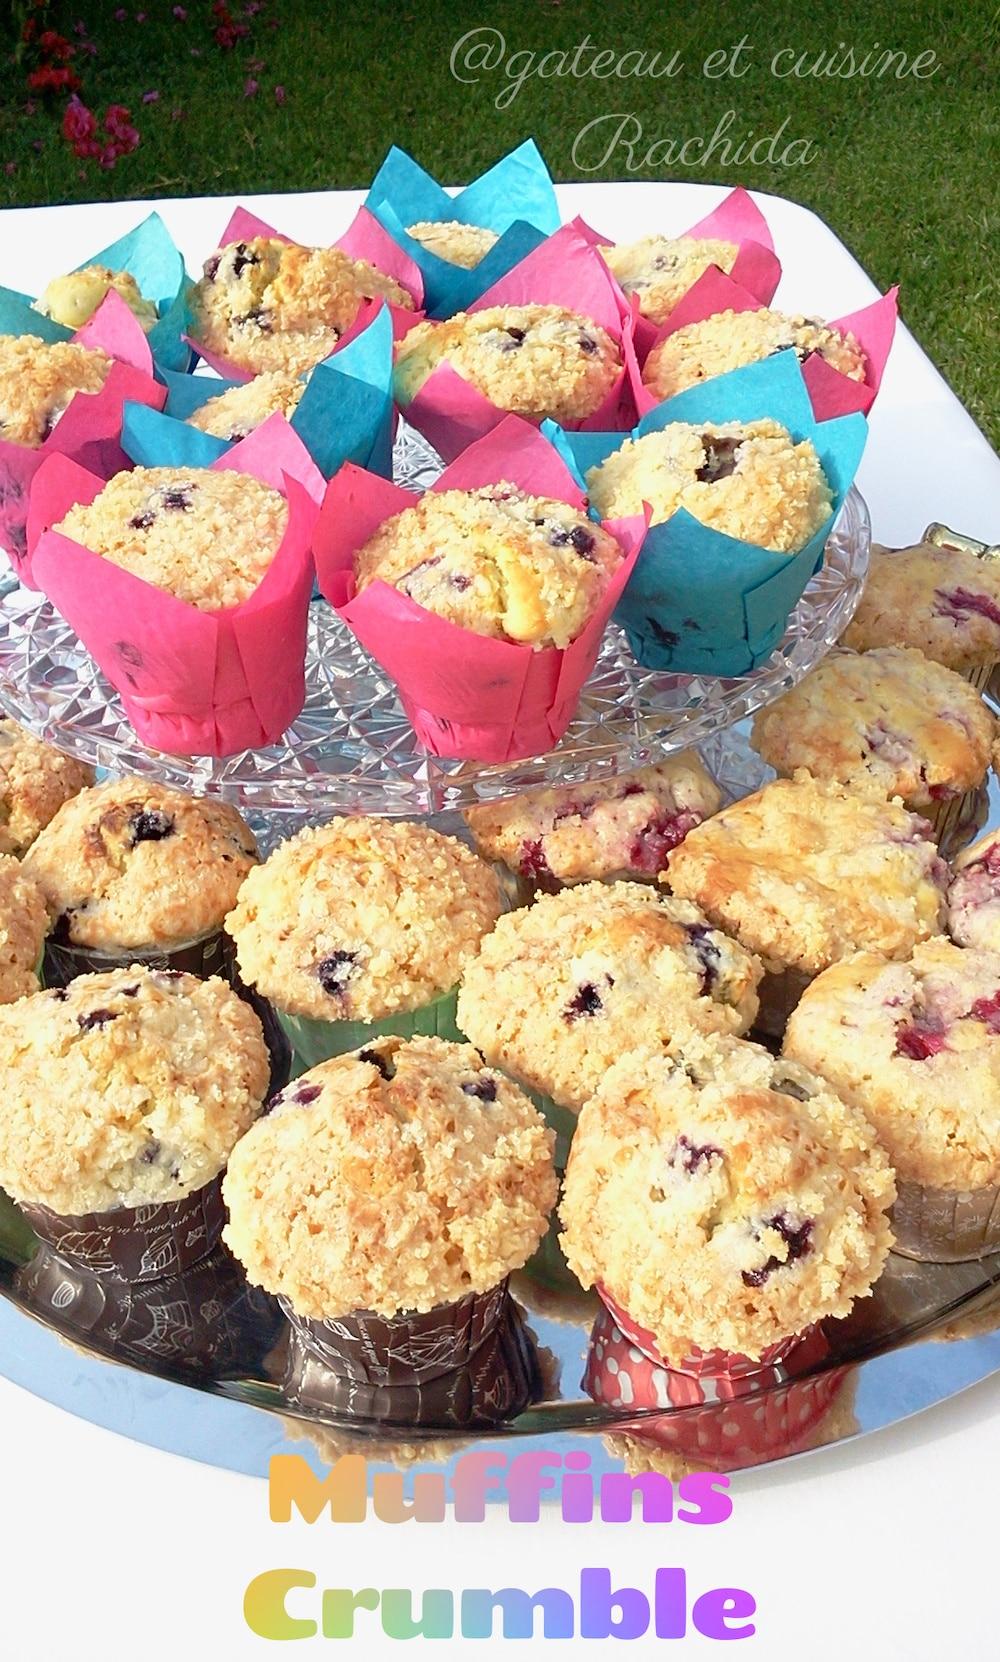 recette muffin myrtille et crumble